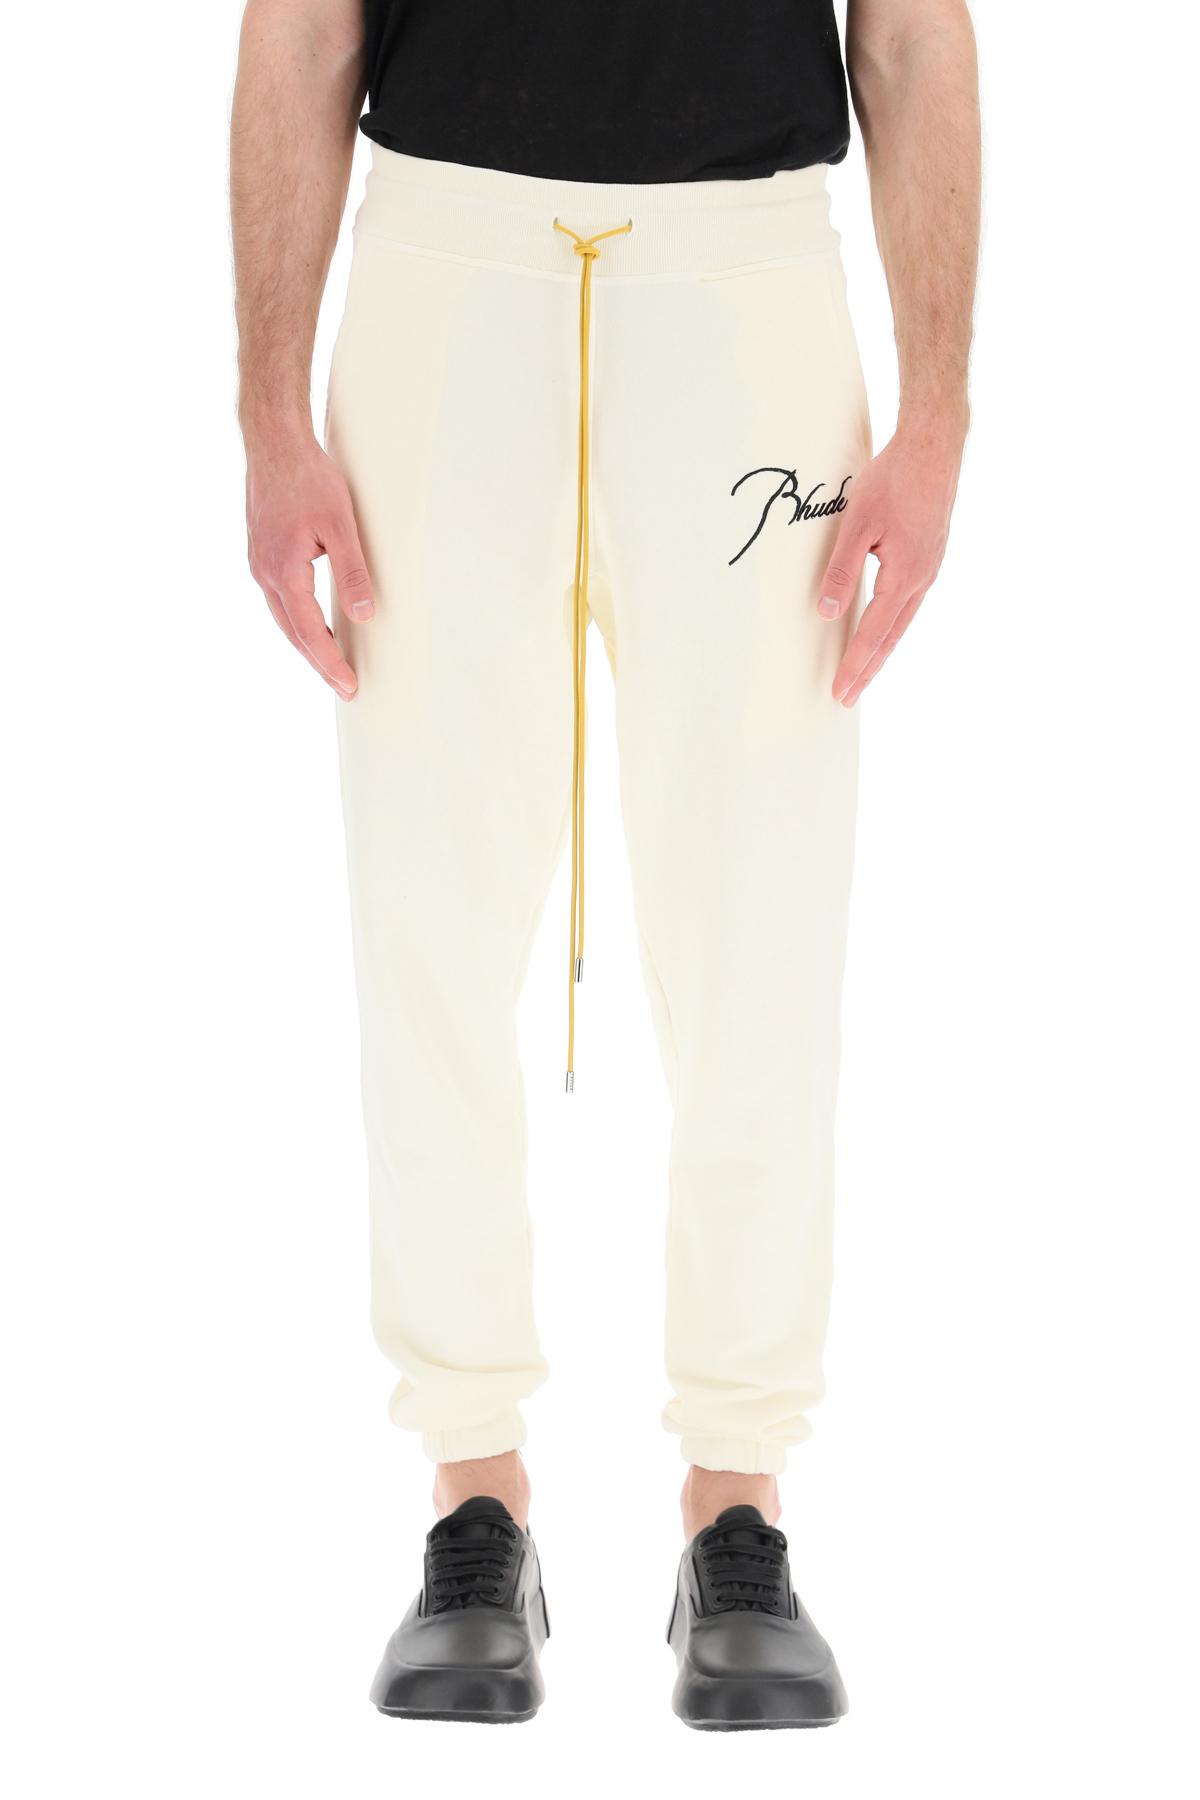 Rhude pantaloni jogger lounge rhude script